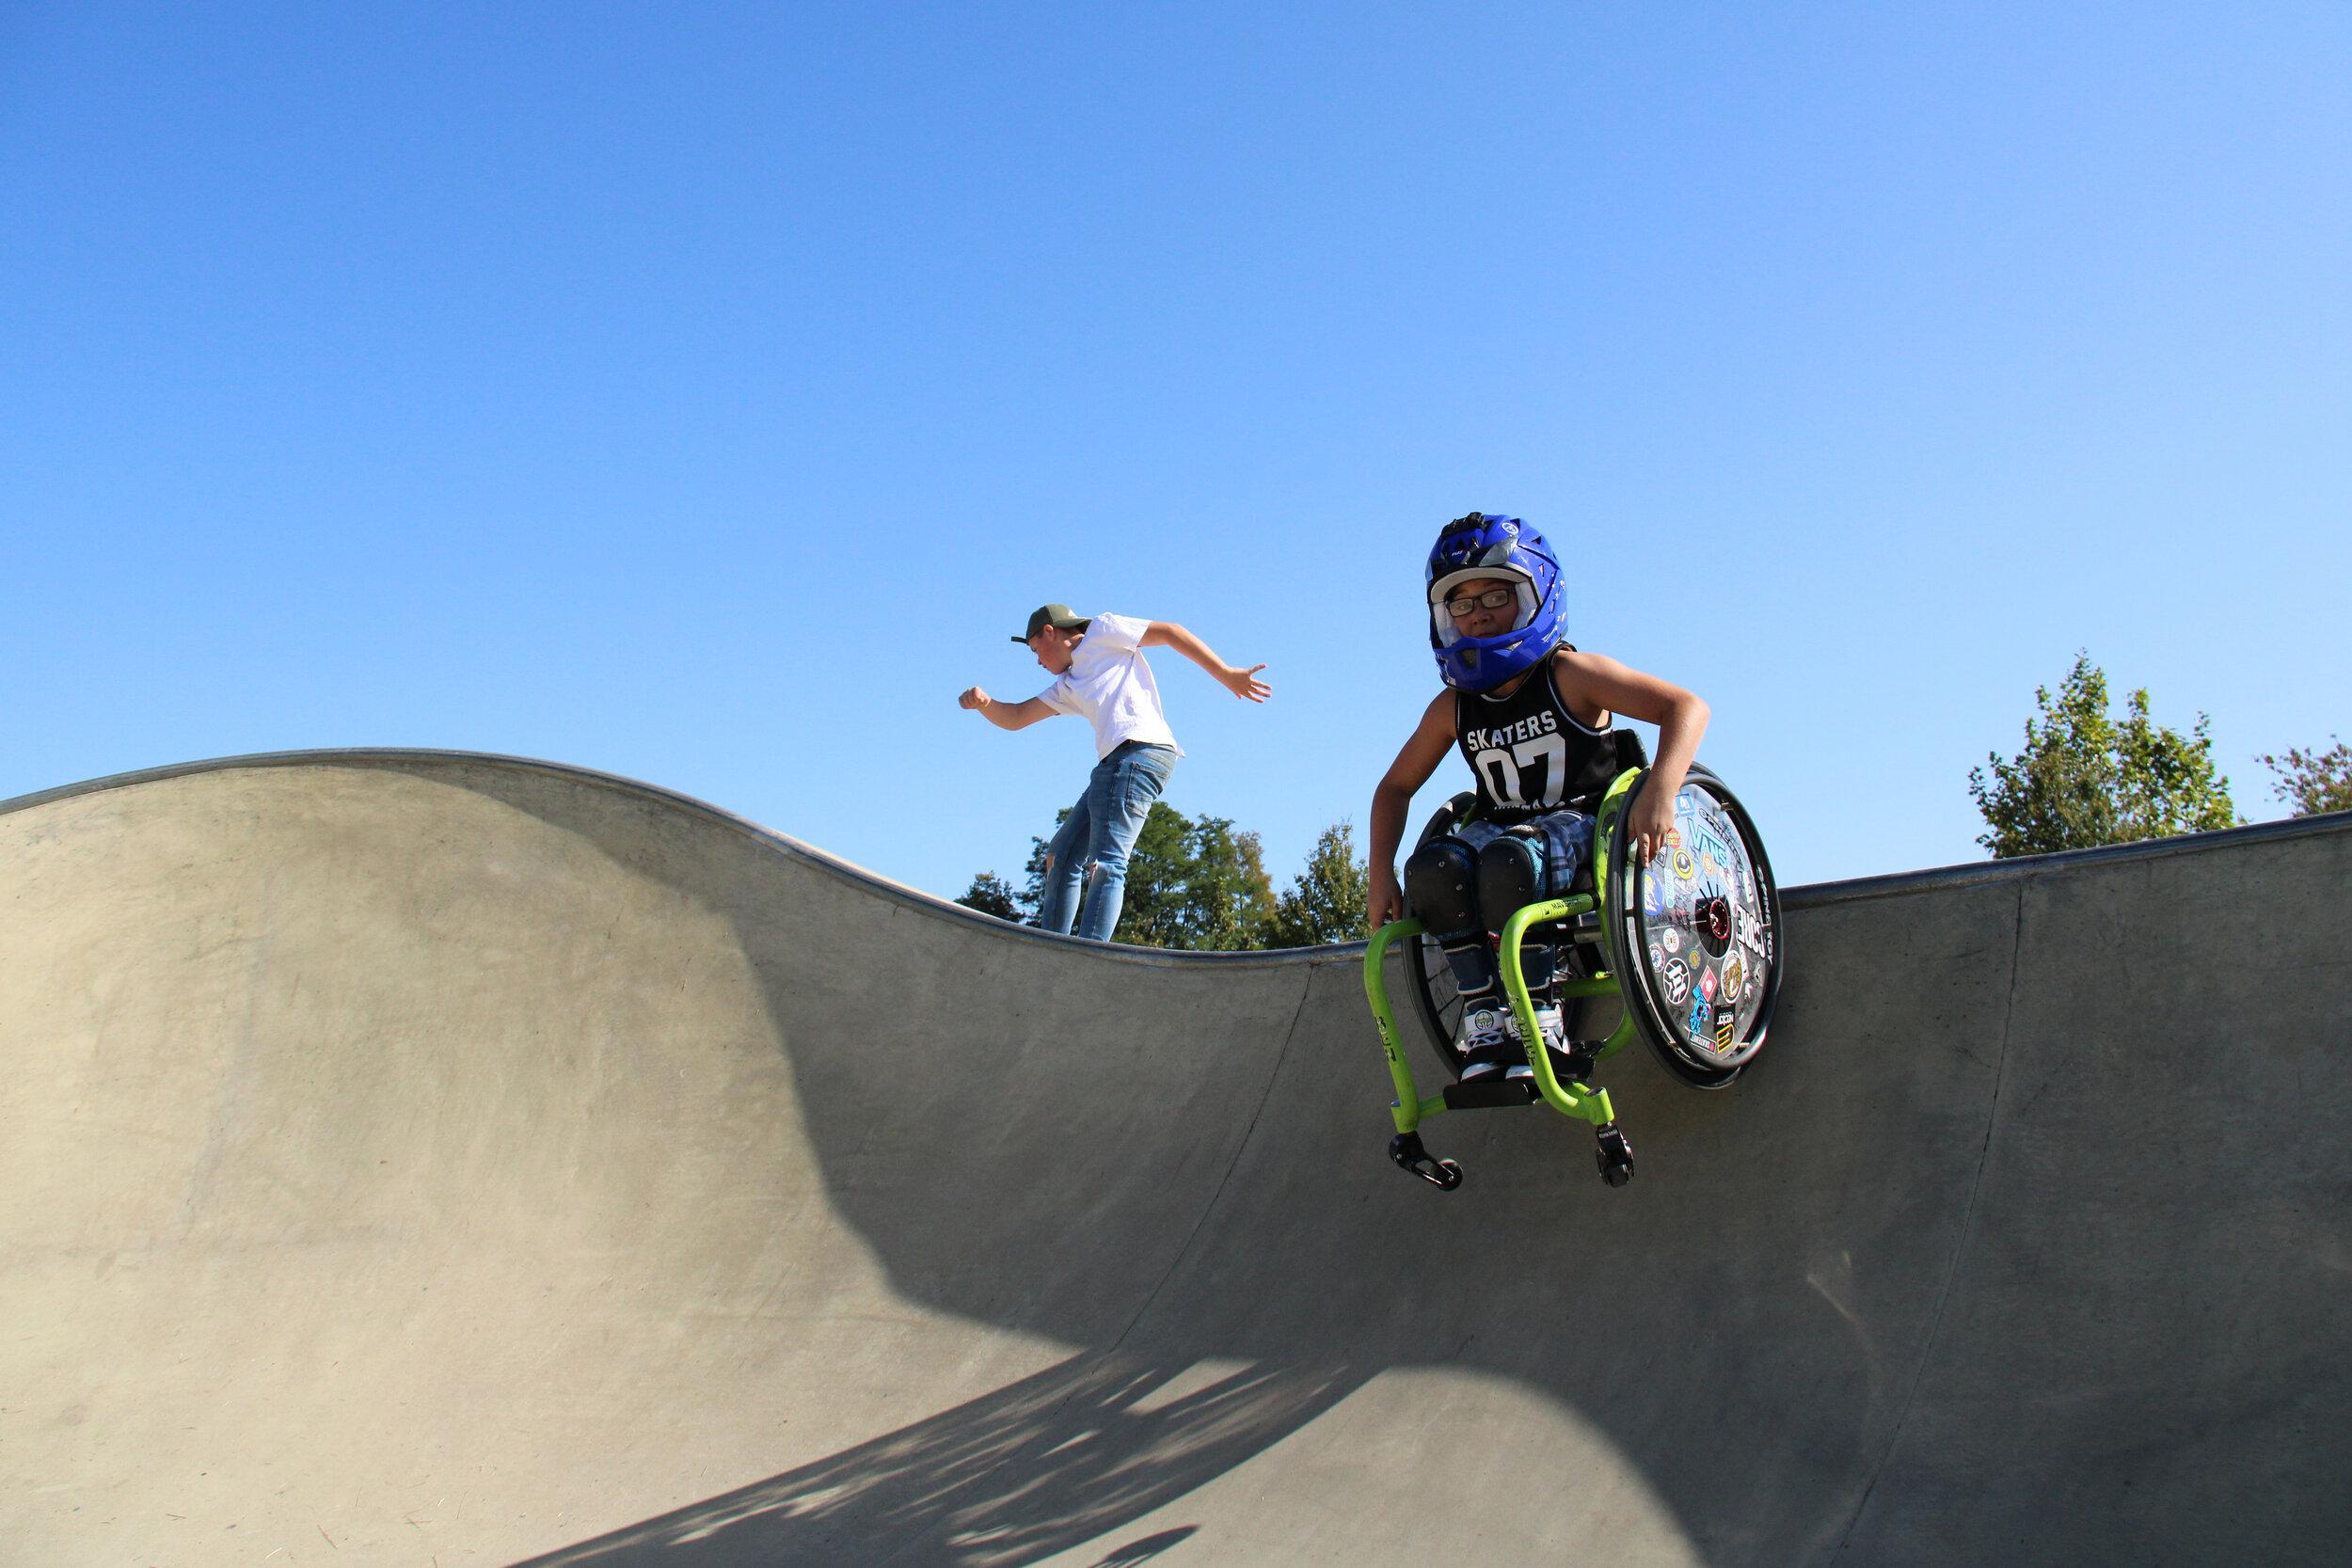 ⚡ Ben Sleet WCMX at Henley Skatepark (RG9 1TE) 📷 Kimberley Gough